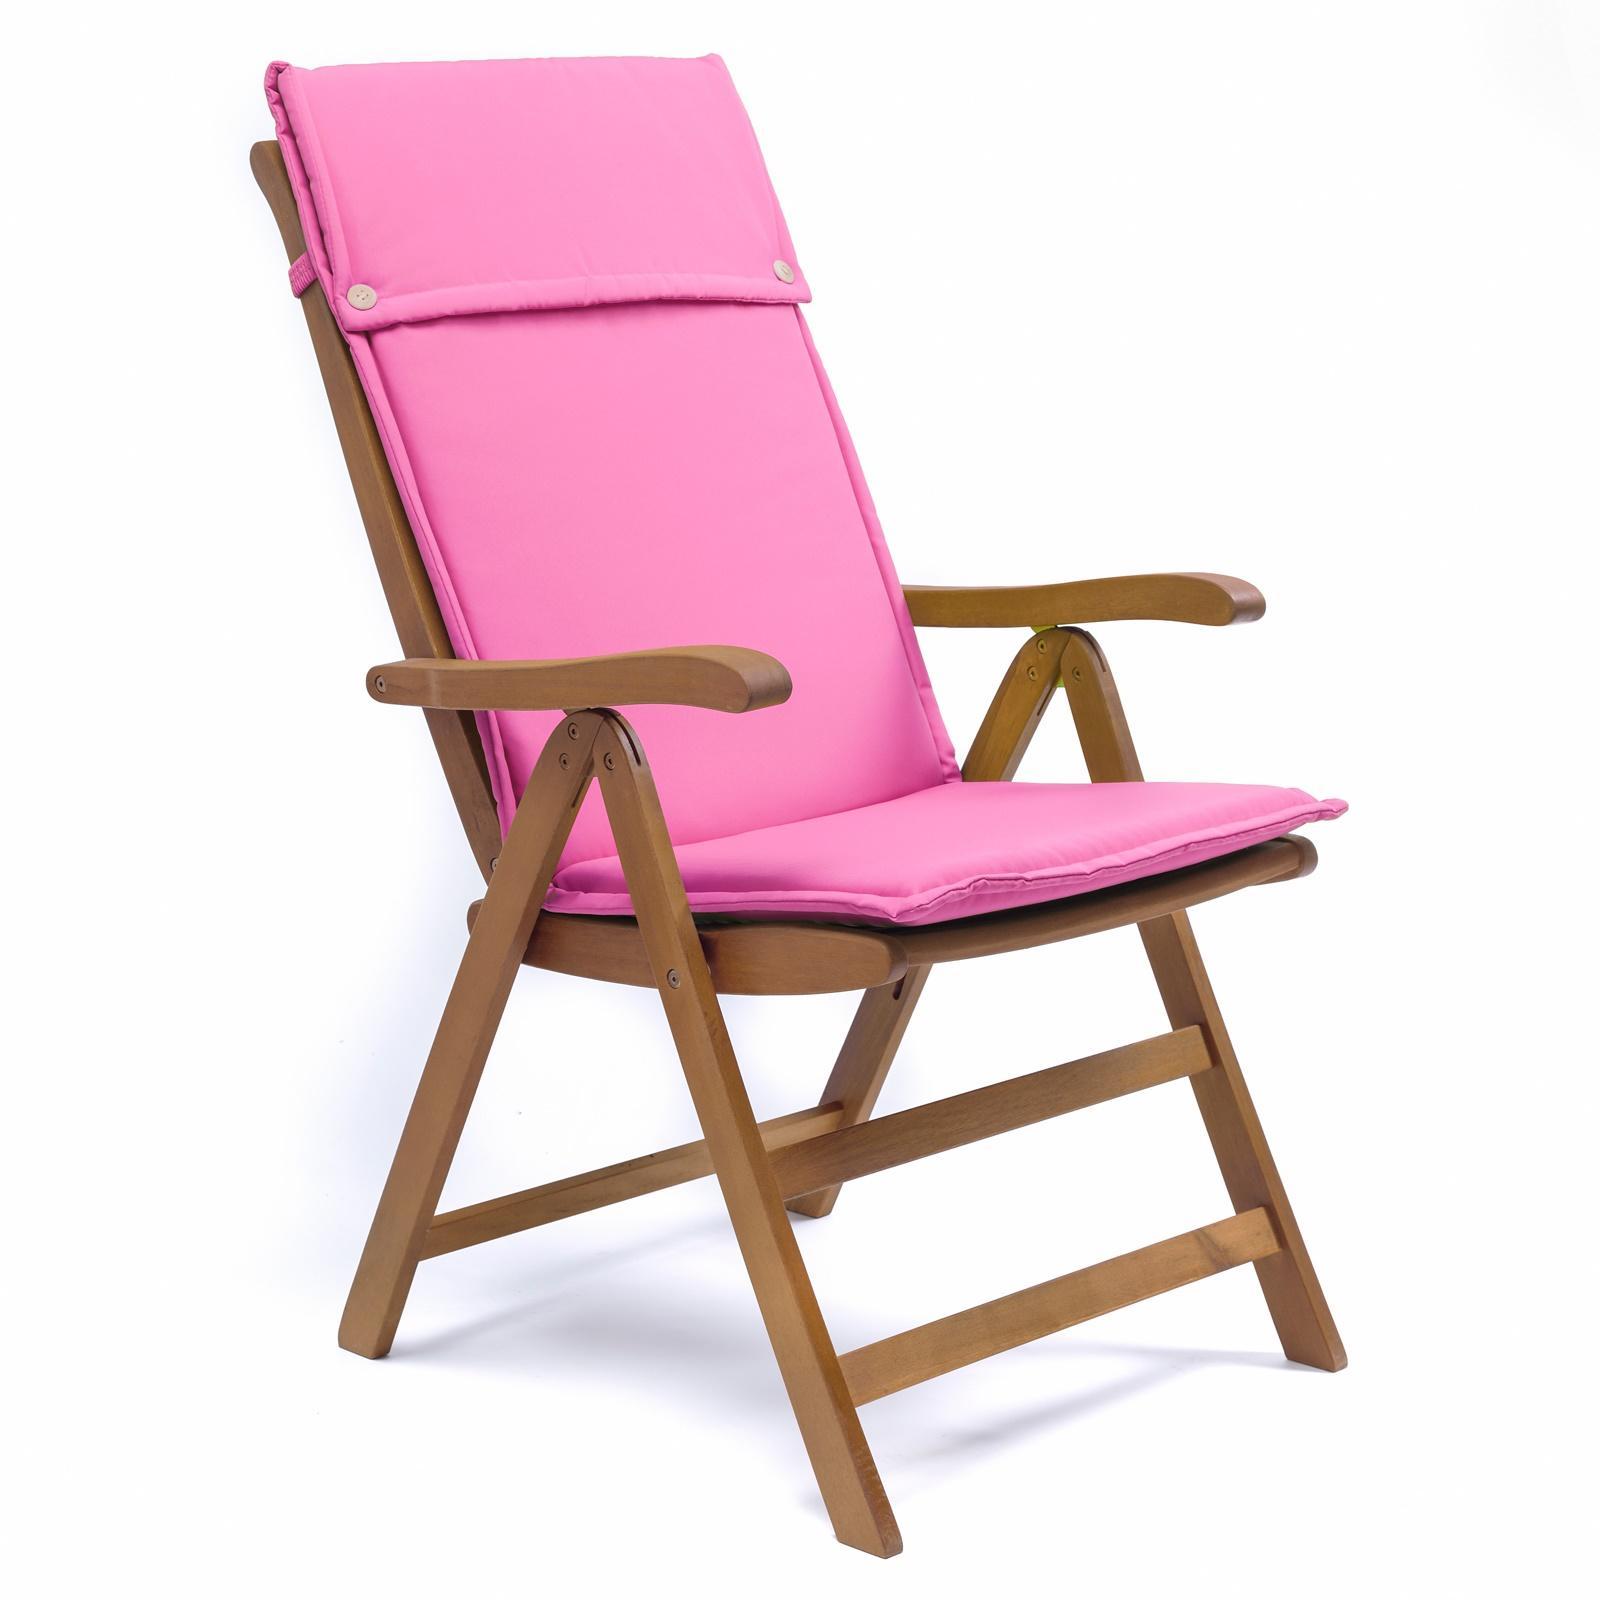 Cuscino da giardino con schienale alto fuxia per sedia